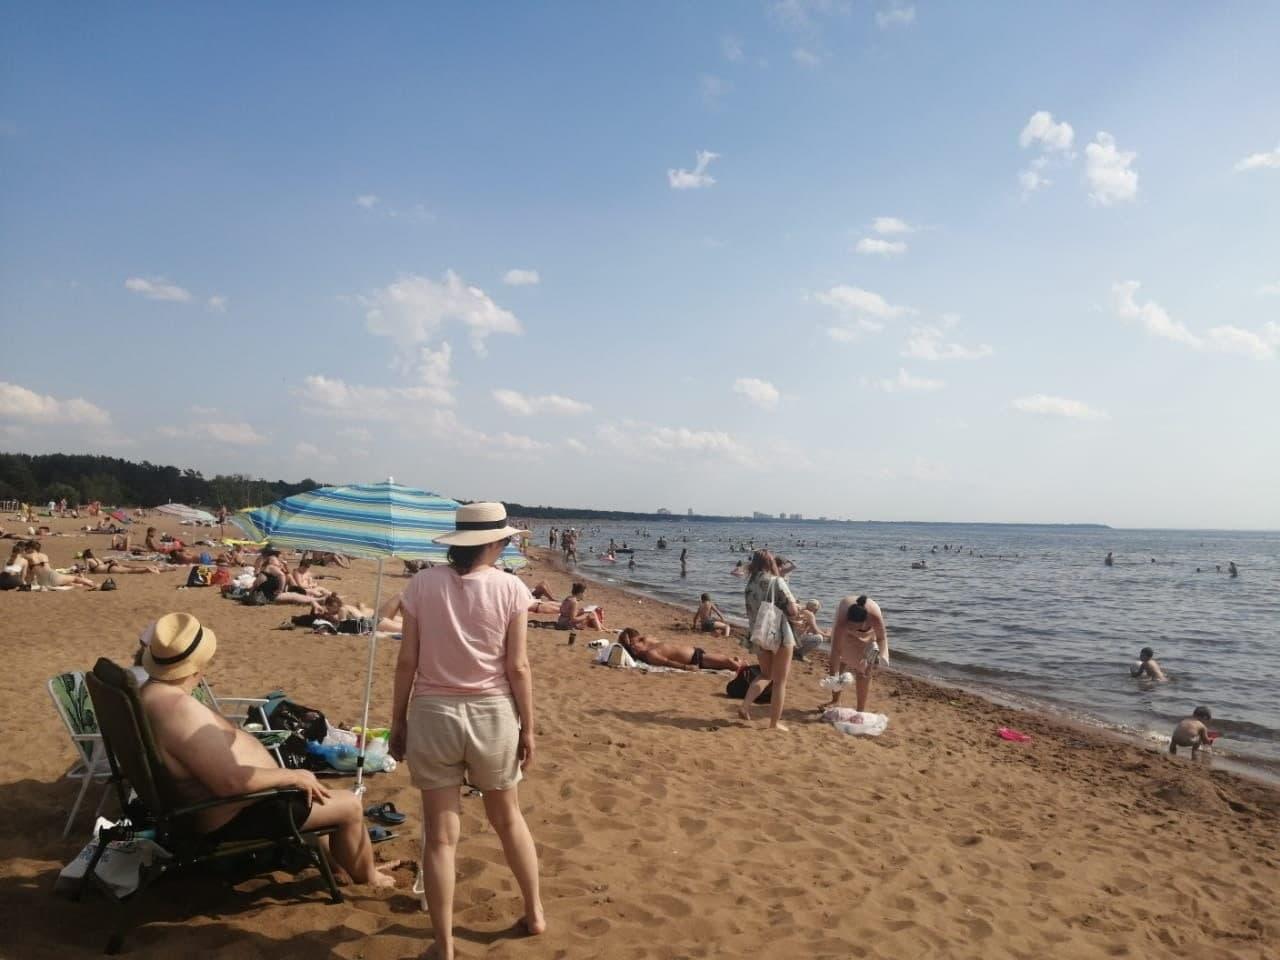 С другой стороны пляжа никакого дождя не видно.